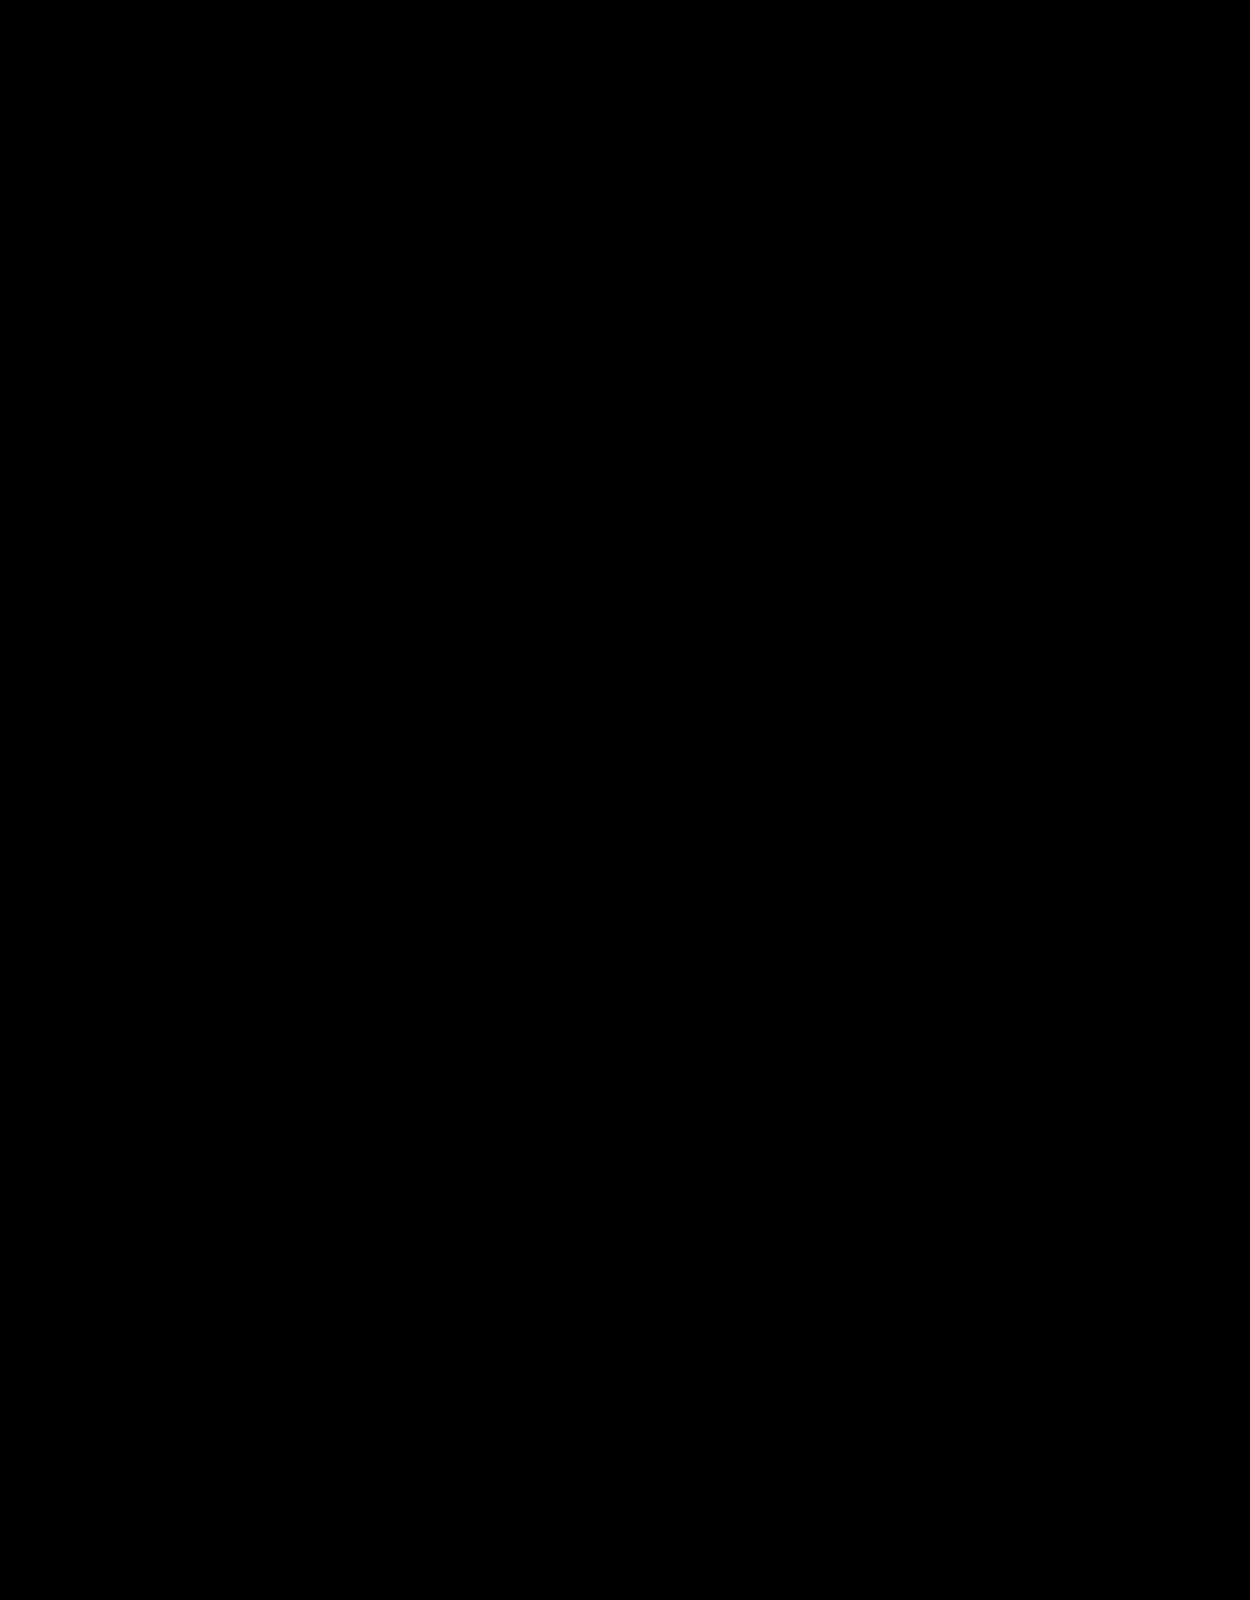 Aloe arborescens